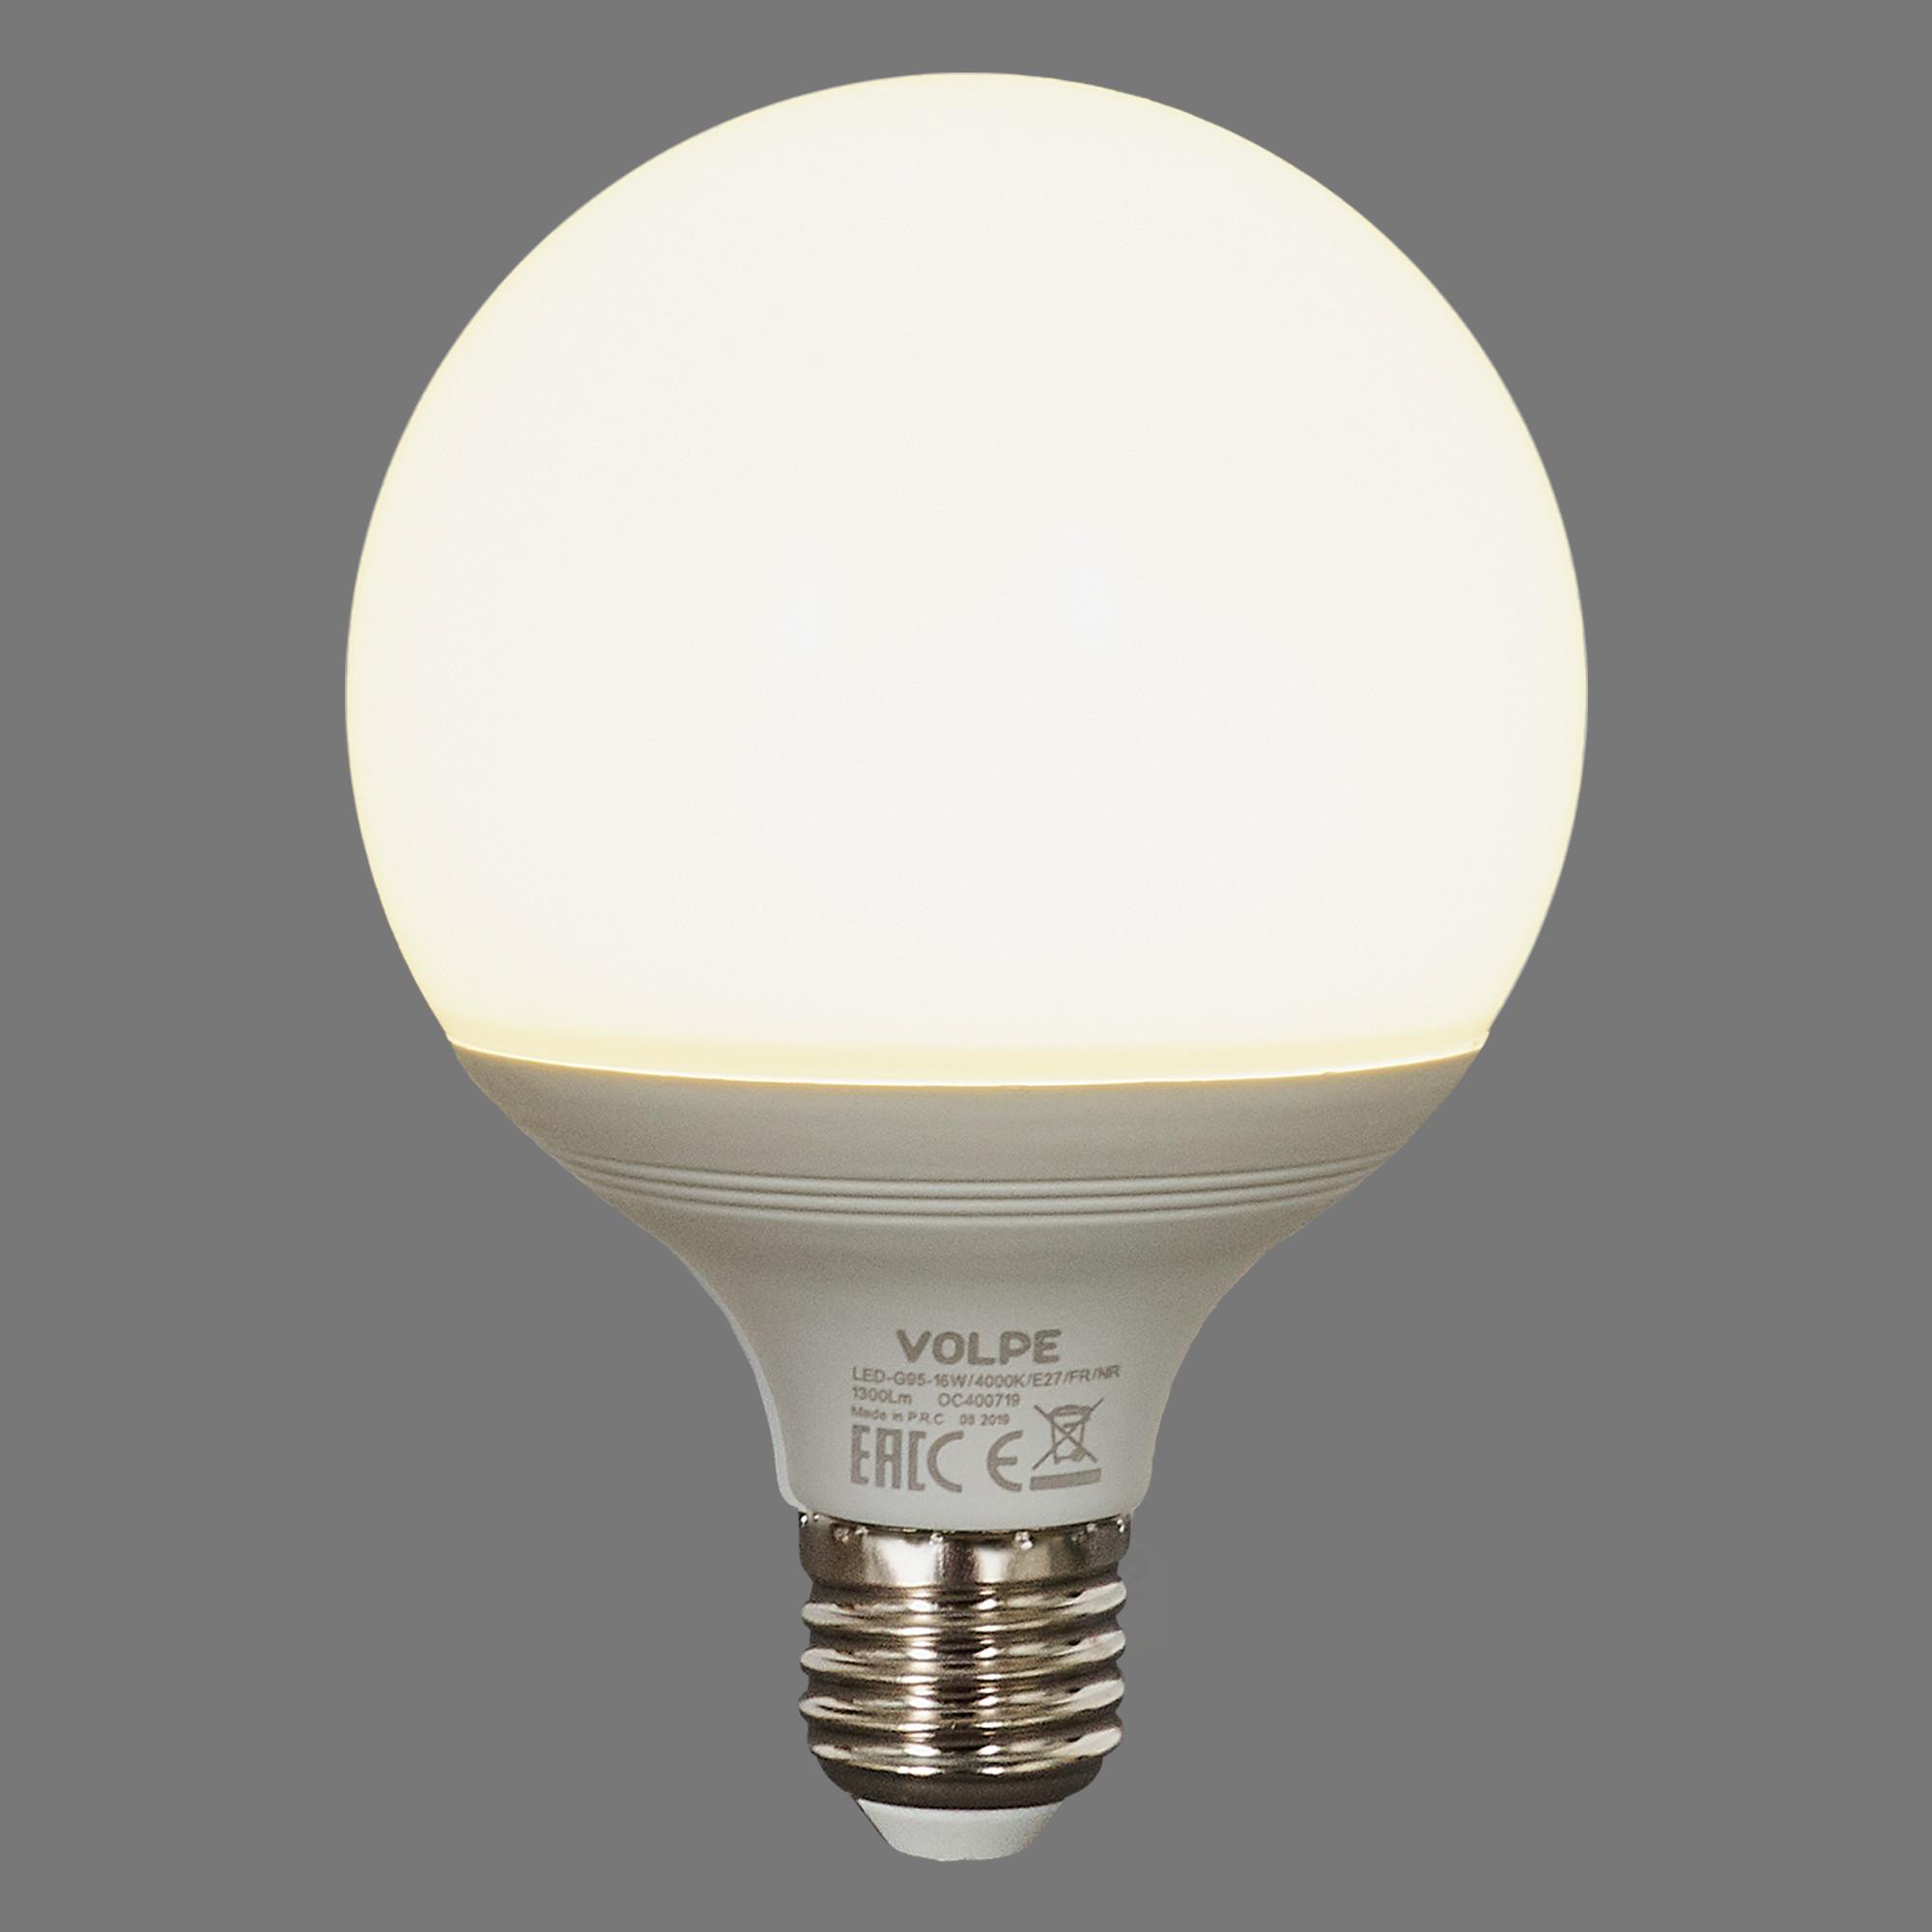 Лампа светодиодная Volpe Norma E27 220 В 16 Вт шар 1300 лм белый свет